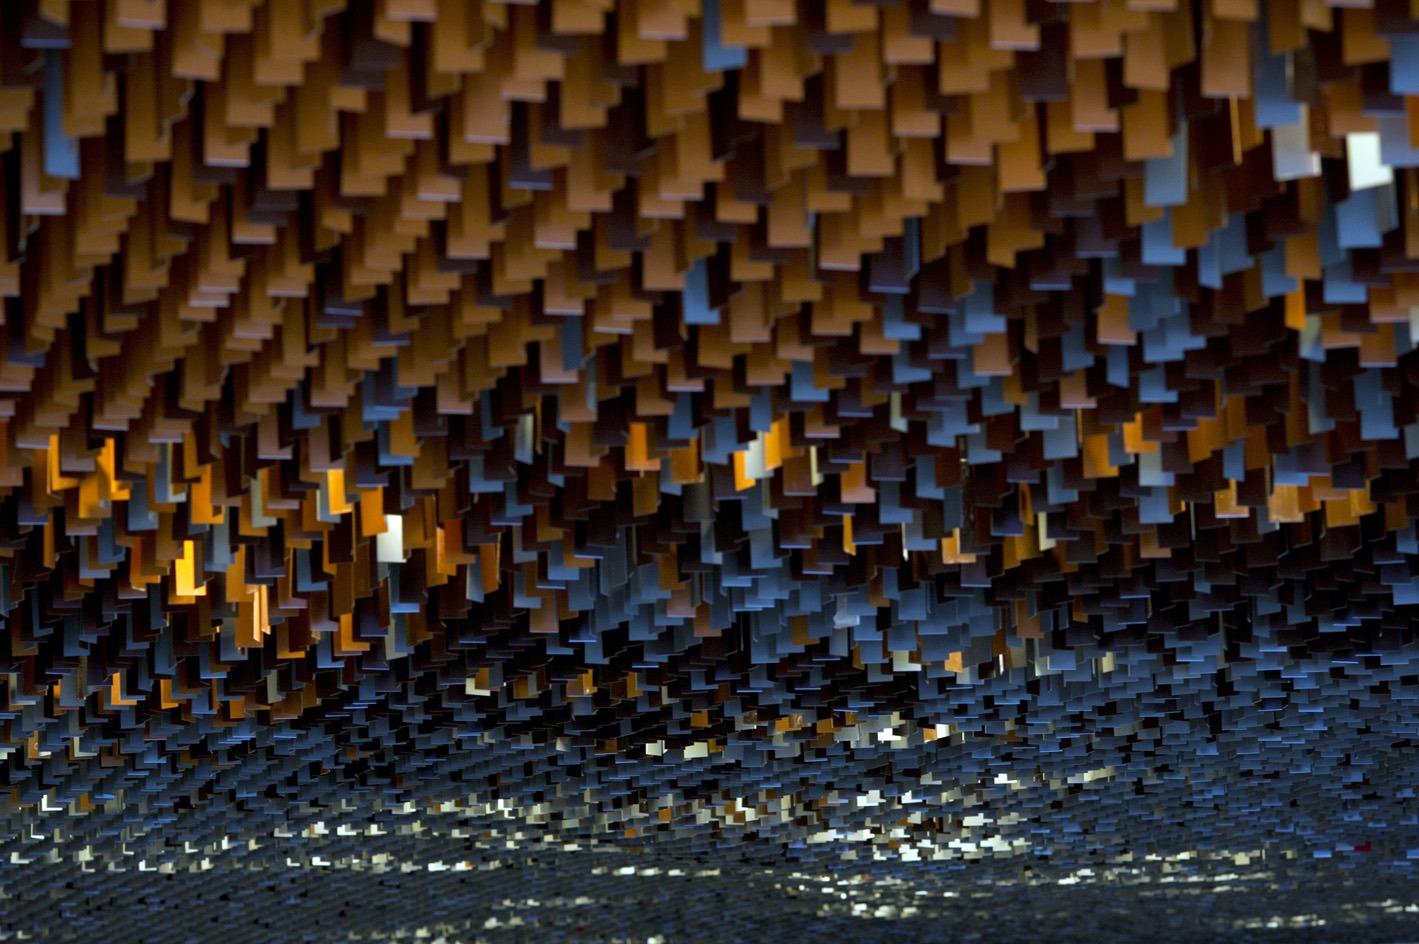 Plafonds des coursives, Philharmonie